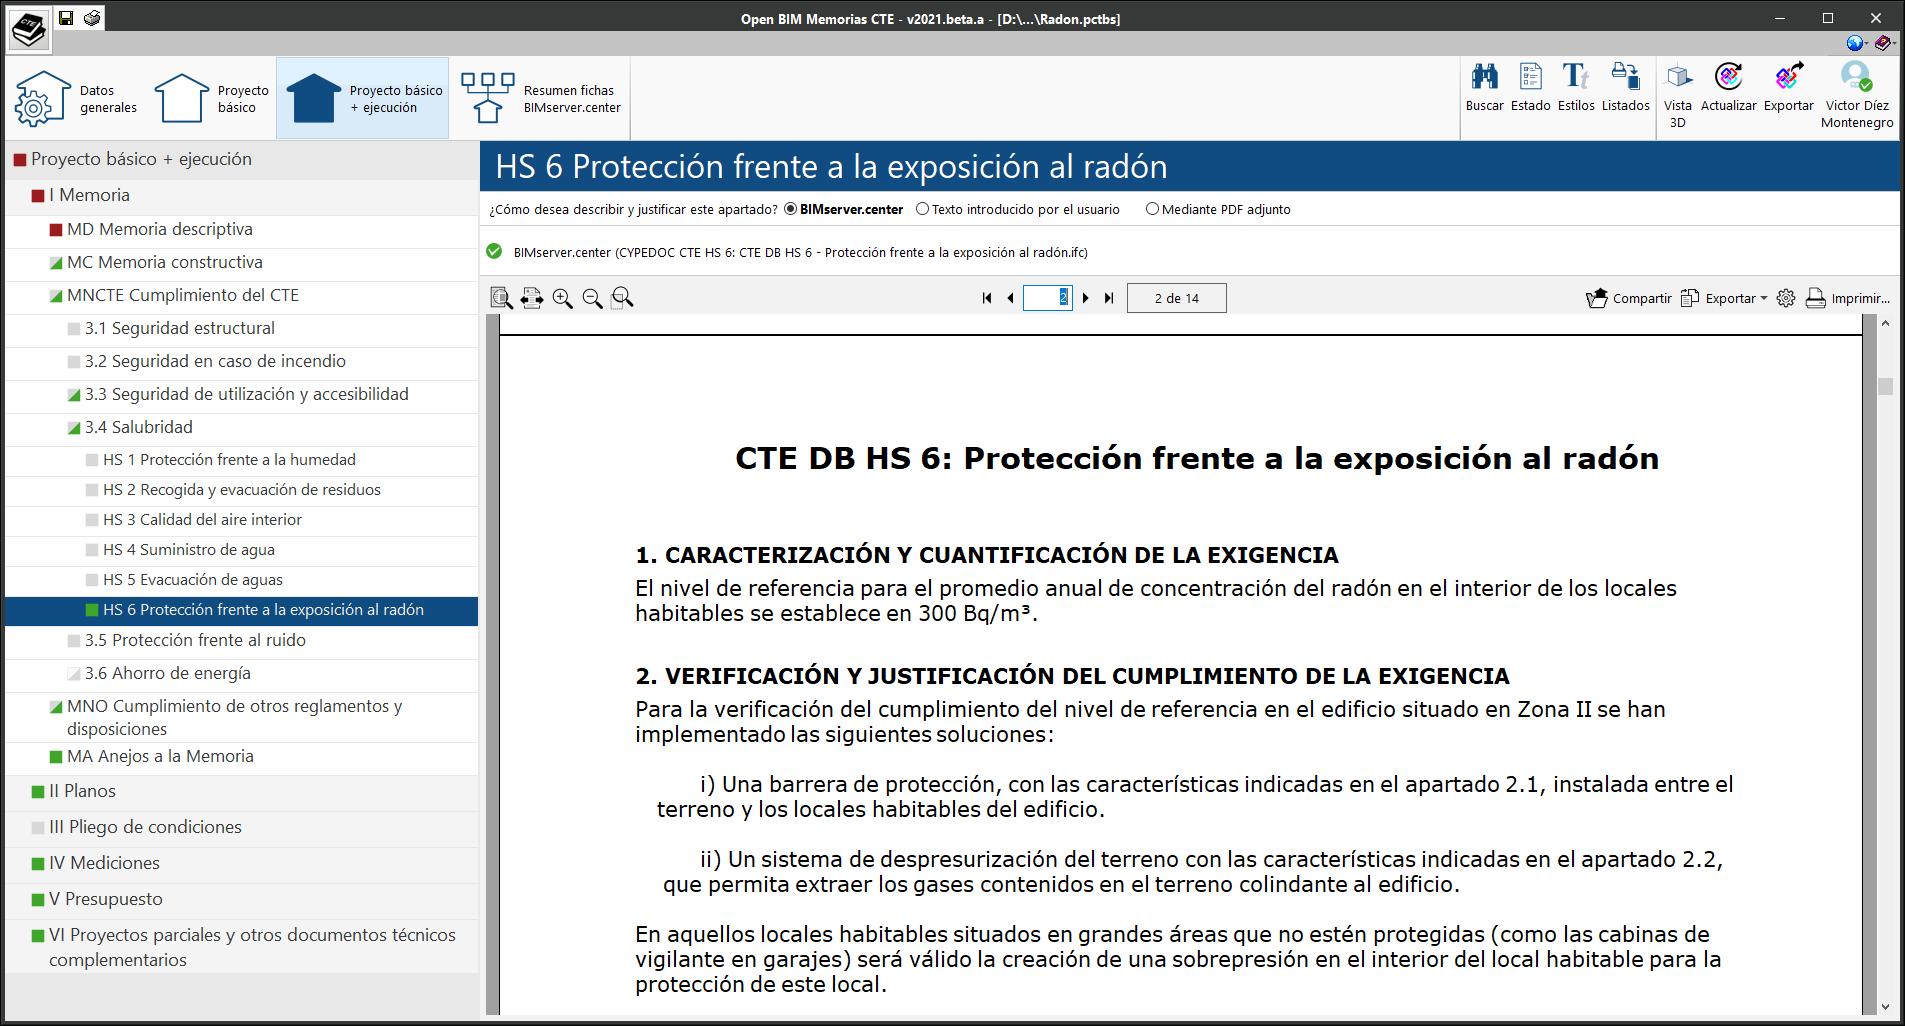 Open BIM Memorias CTE. CTE DB HS